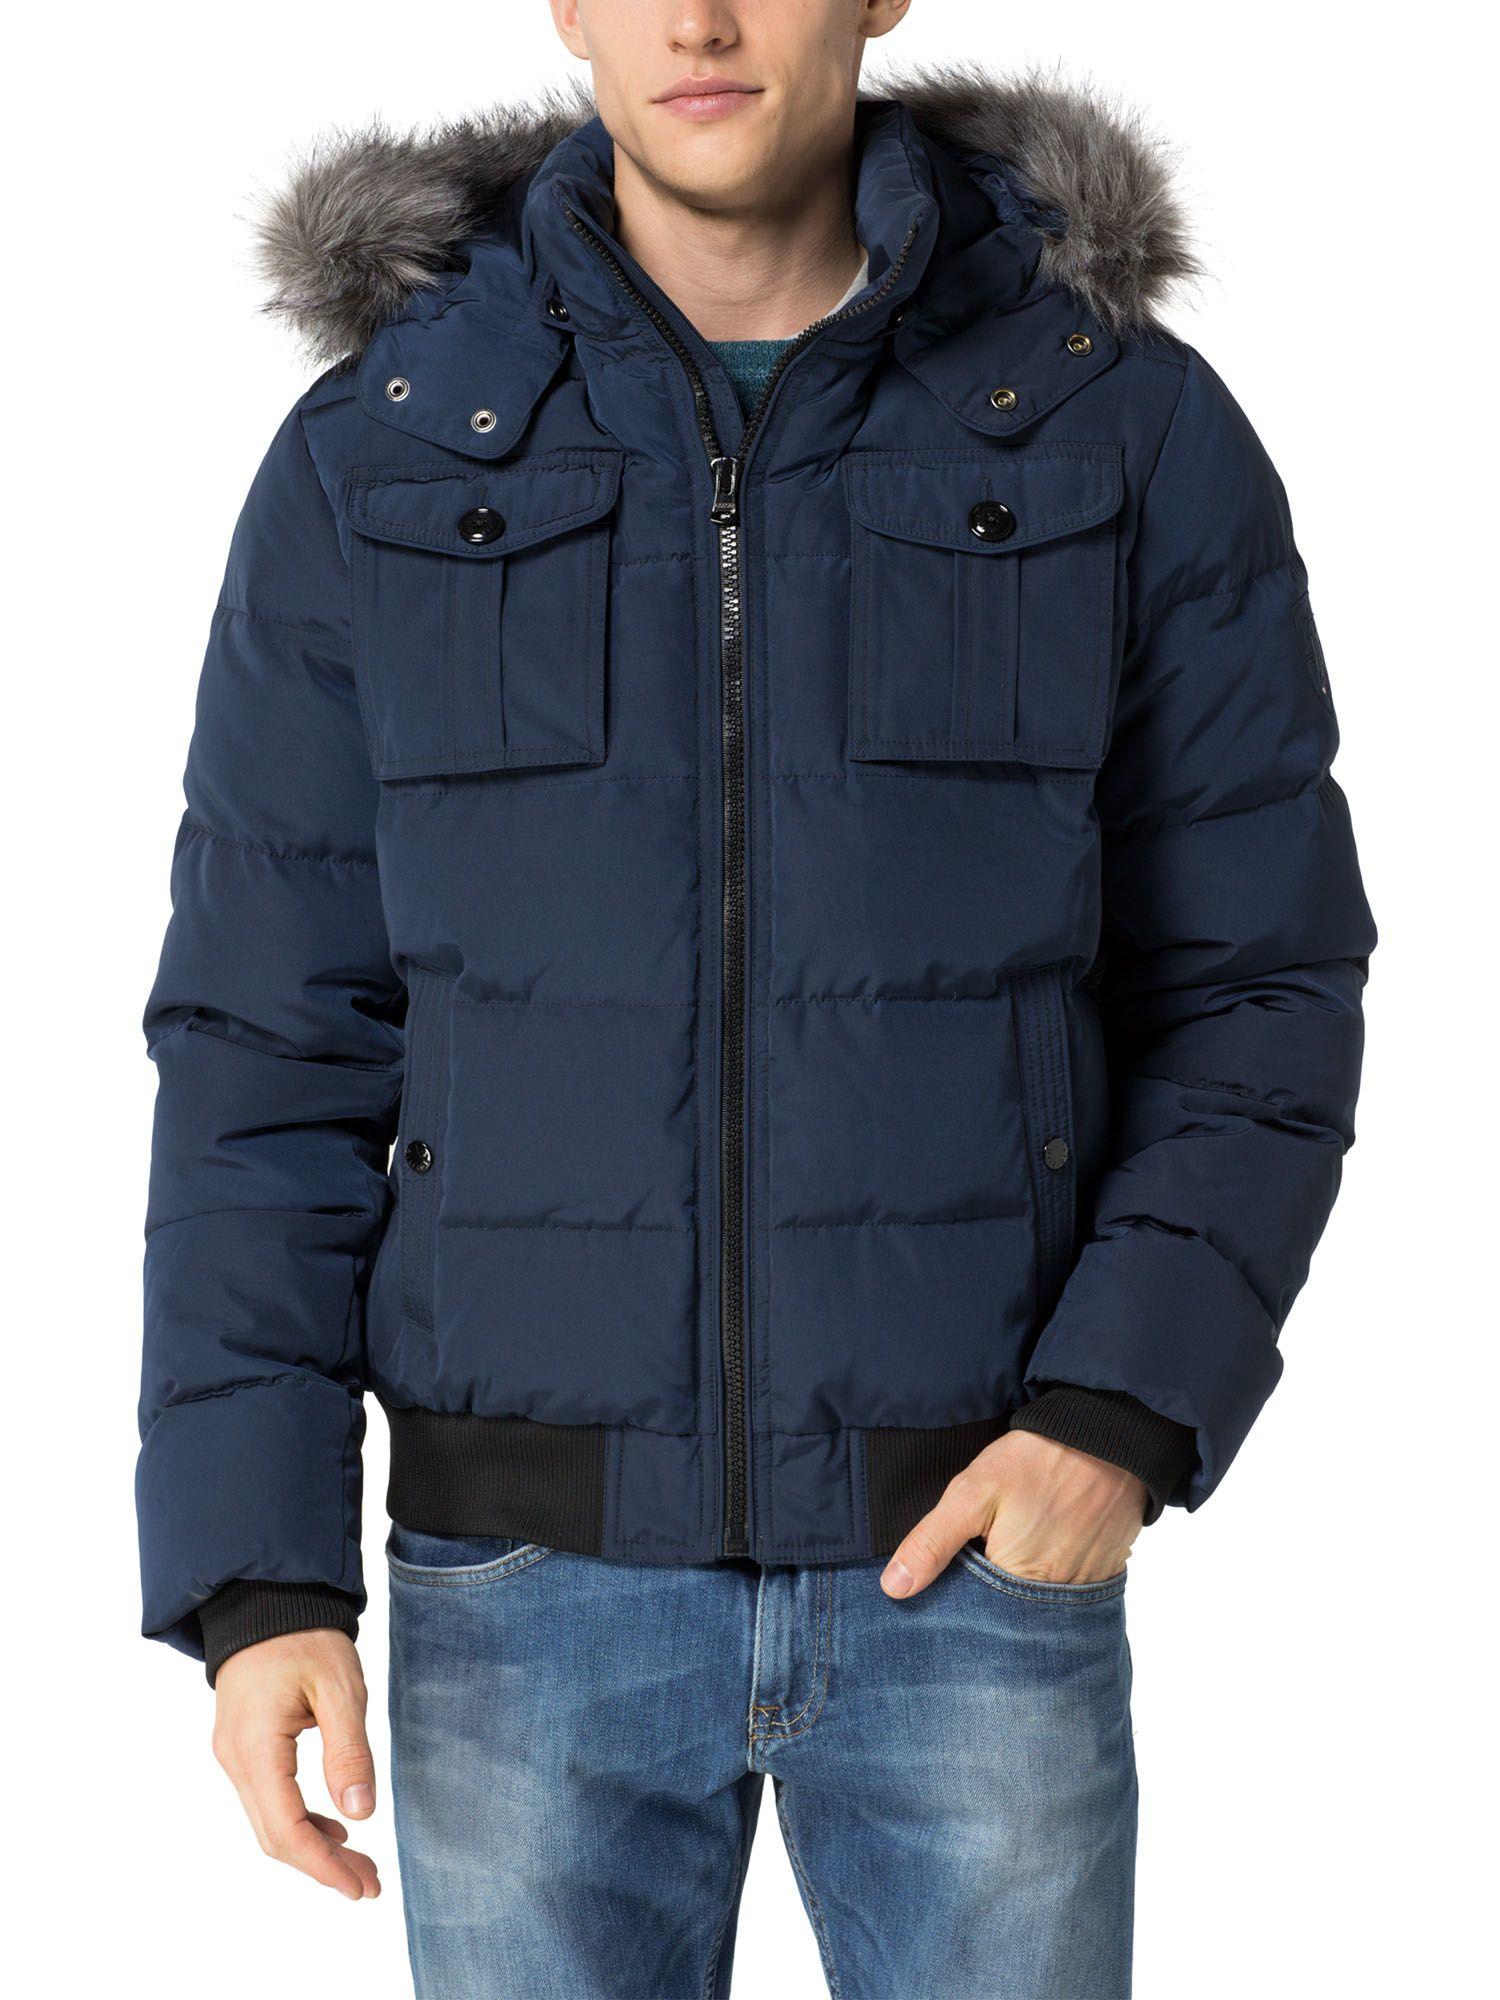 lyst tommy hilfiger darren bomber jacket in blue for men. Black Bedroom Furniture Sets. Home Design Ideas